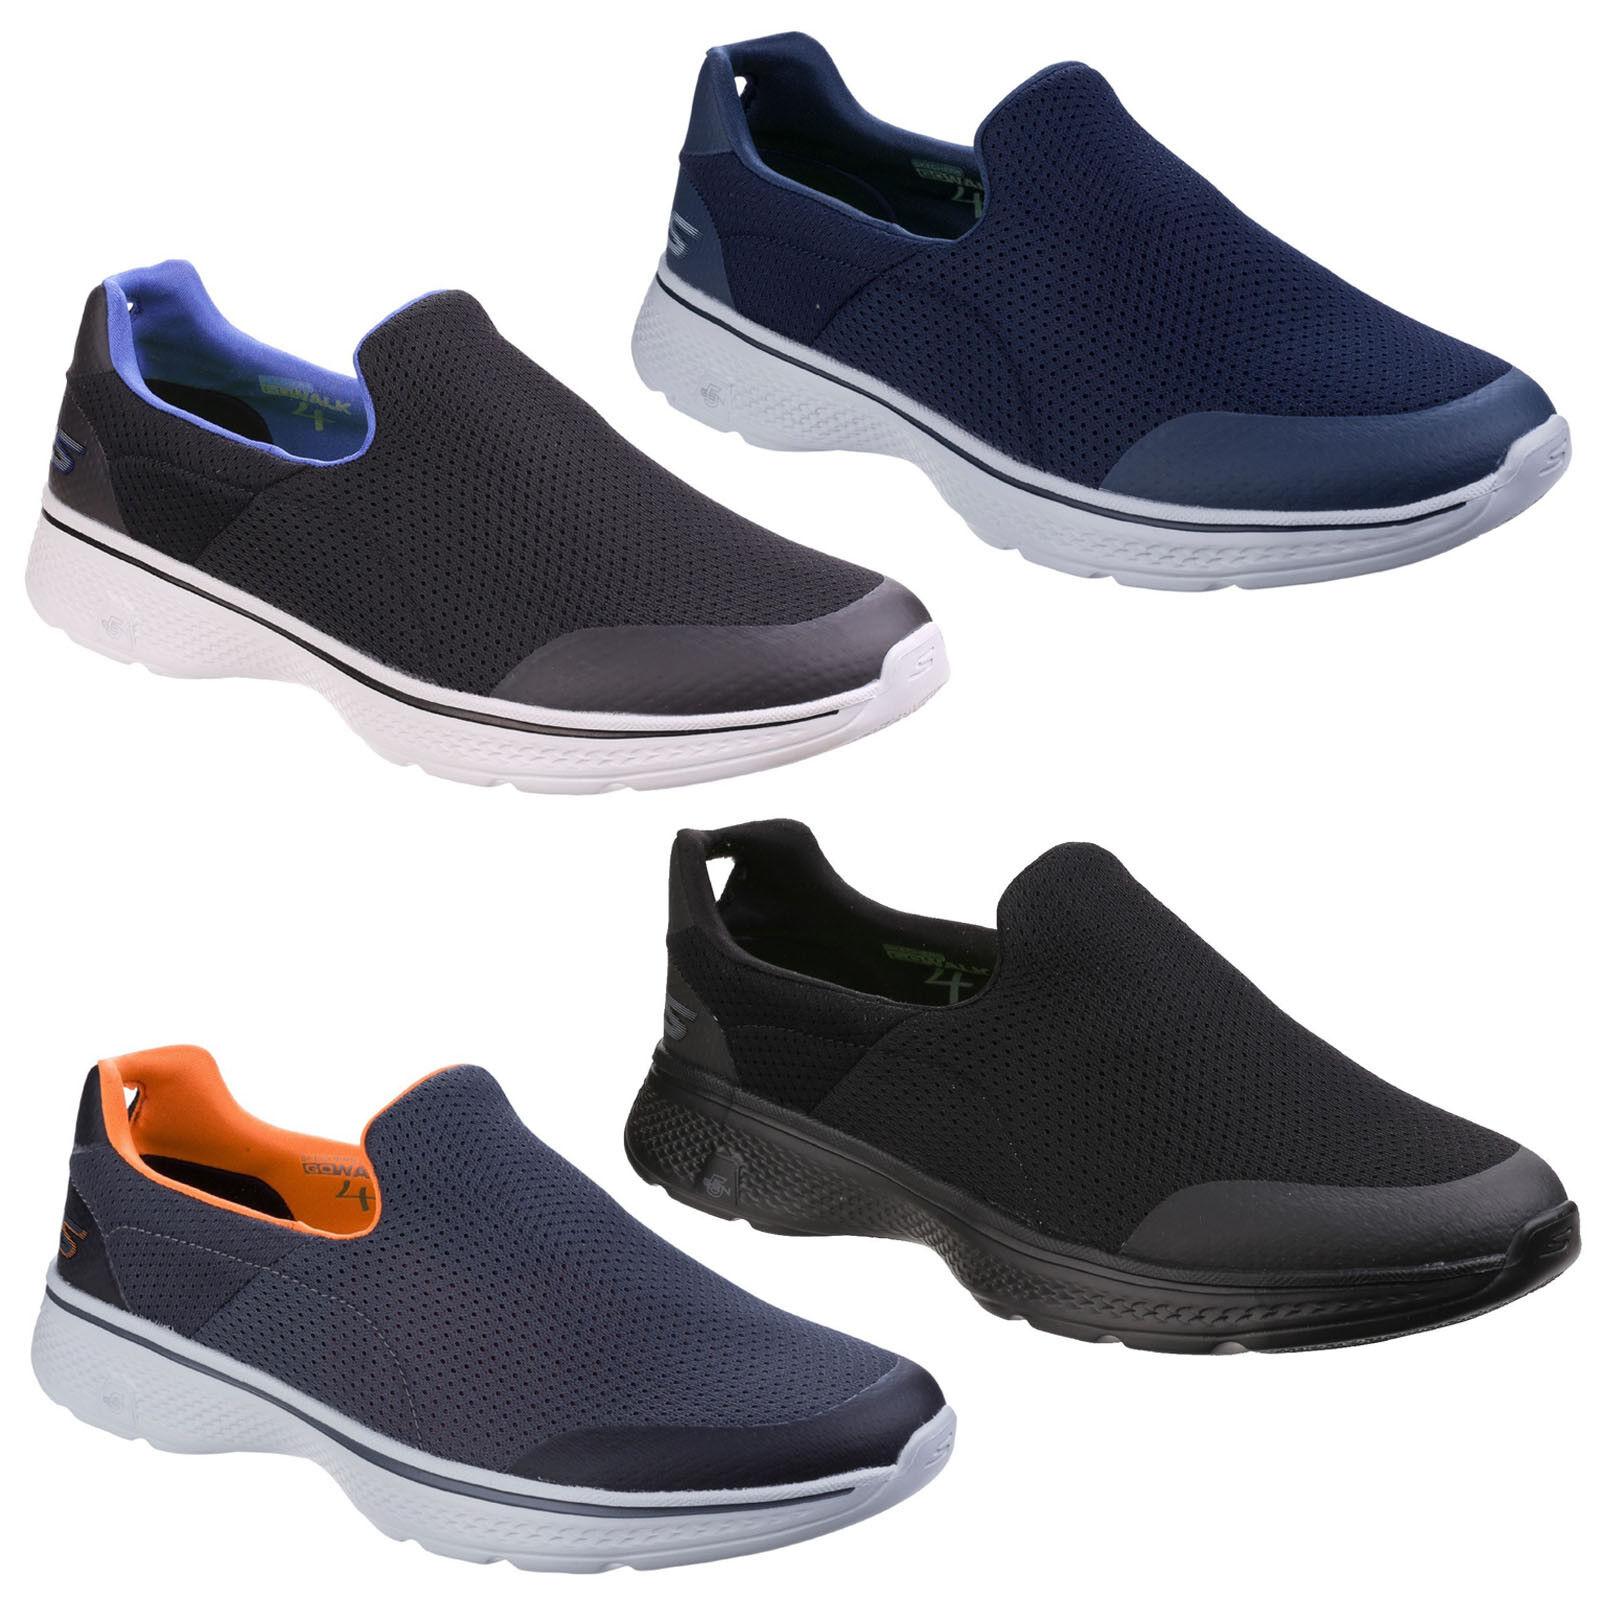 lo stile classico Skechers Walk 4 incredibile Go Scarpe Da Da Da Ginnastica Da Uomo Estate Slip On  economico e di alta qualità